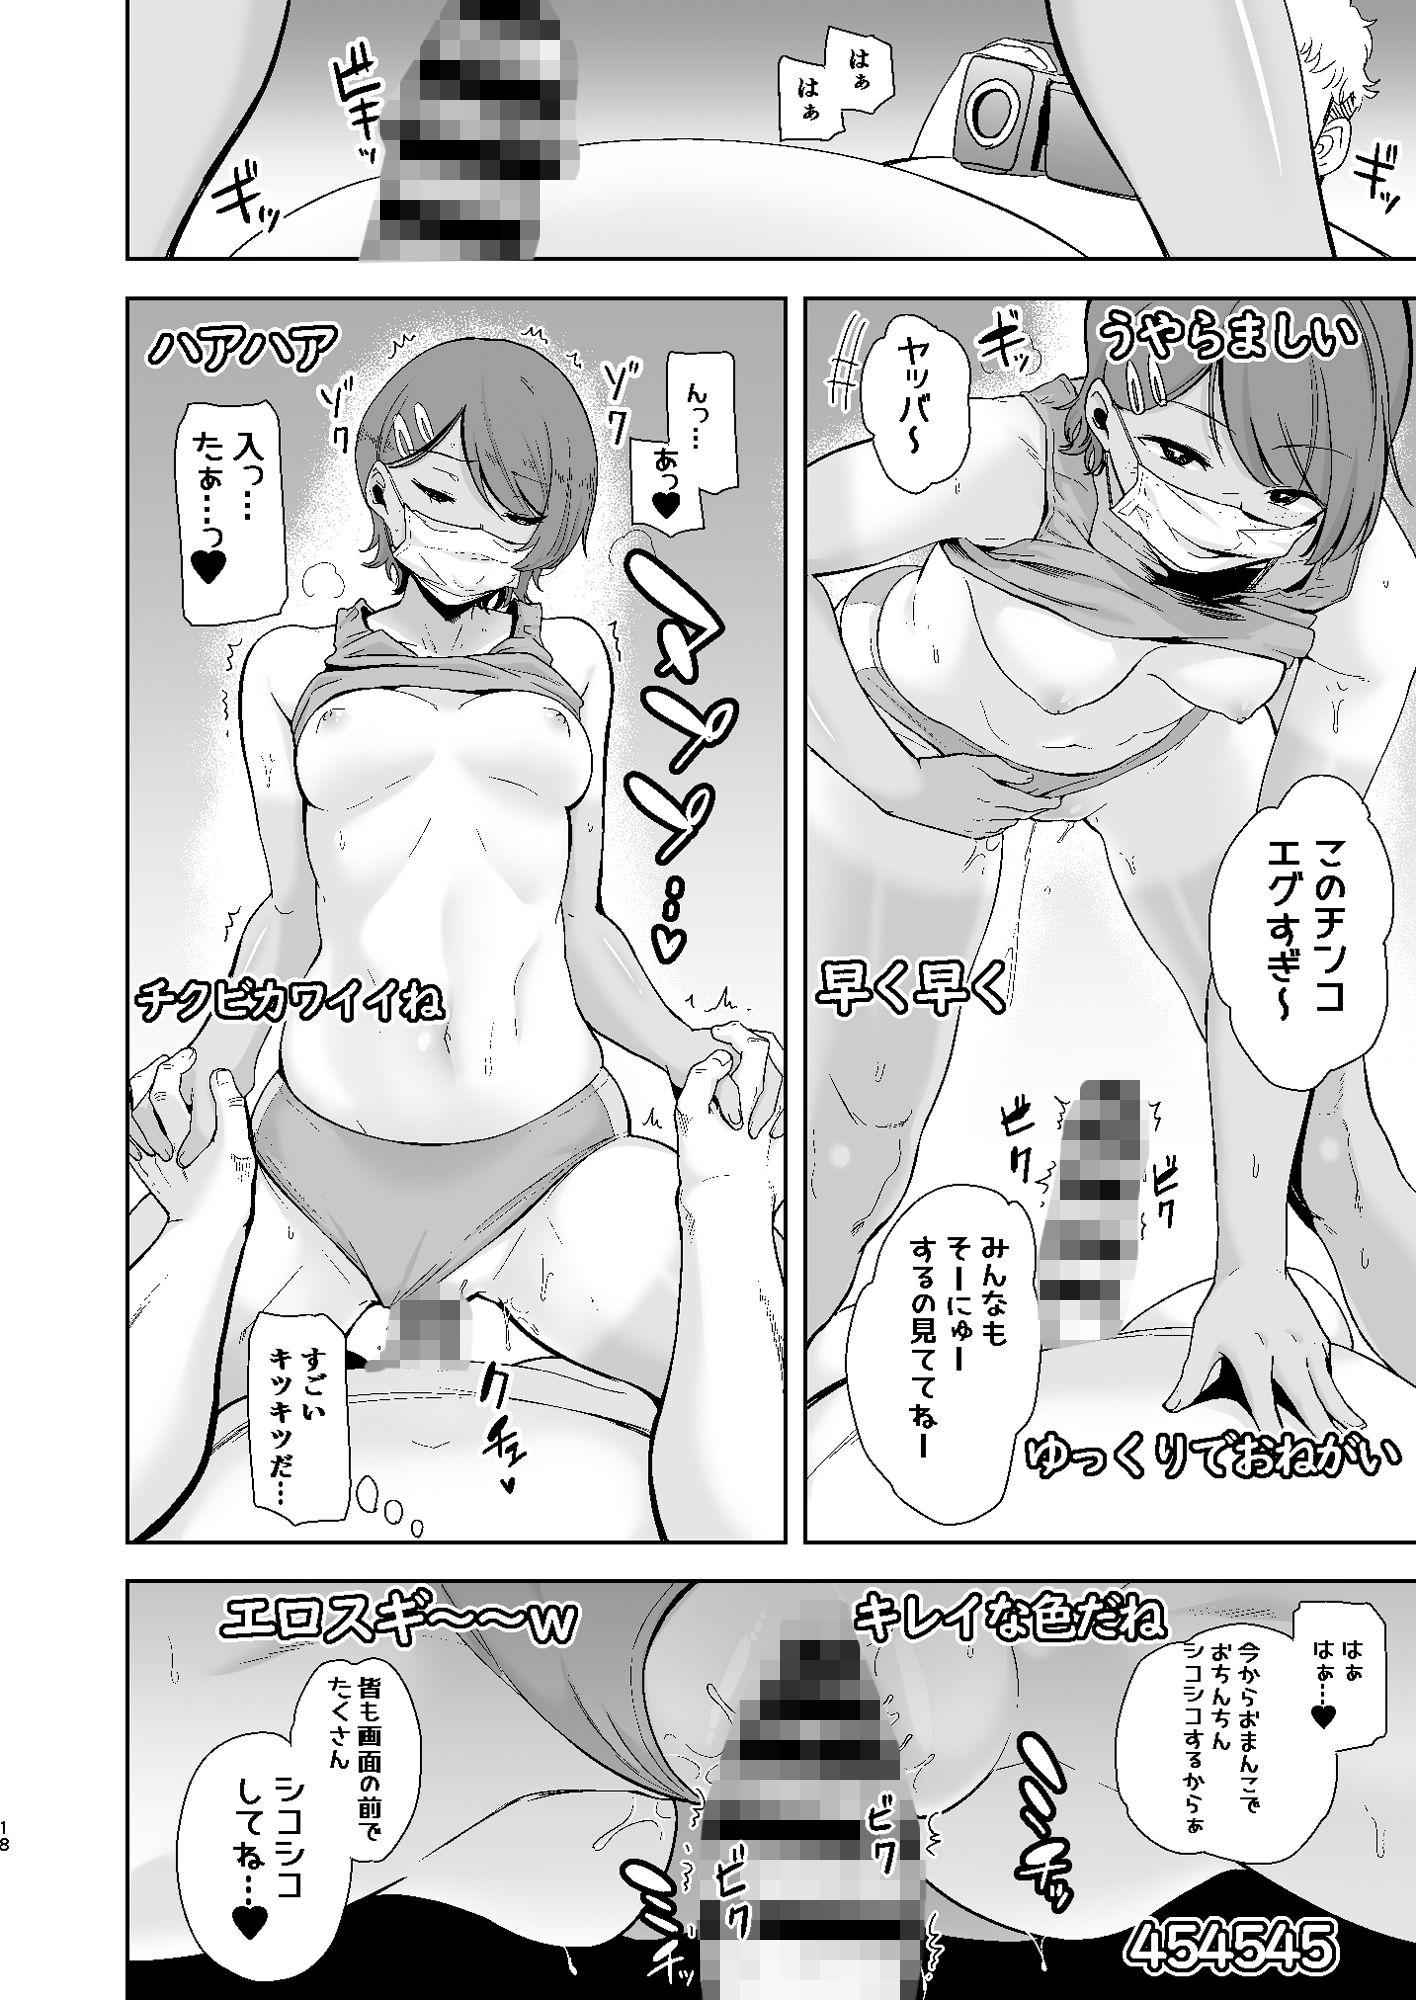 【エロ漫画無料大全集】性欲盛んなお嬢様たちに身体を捧げる竿おじさんの腰使いがヤバ過ぎるwww